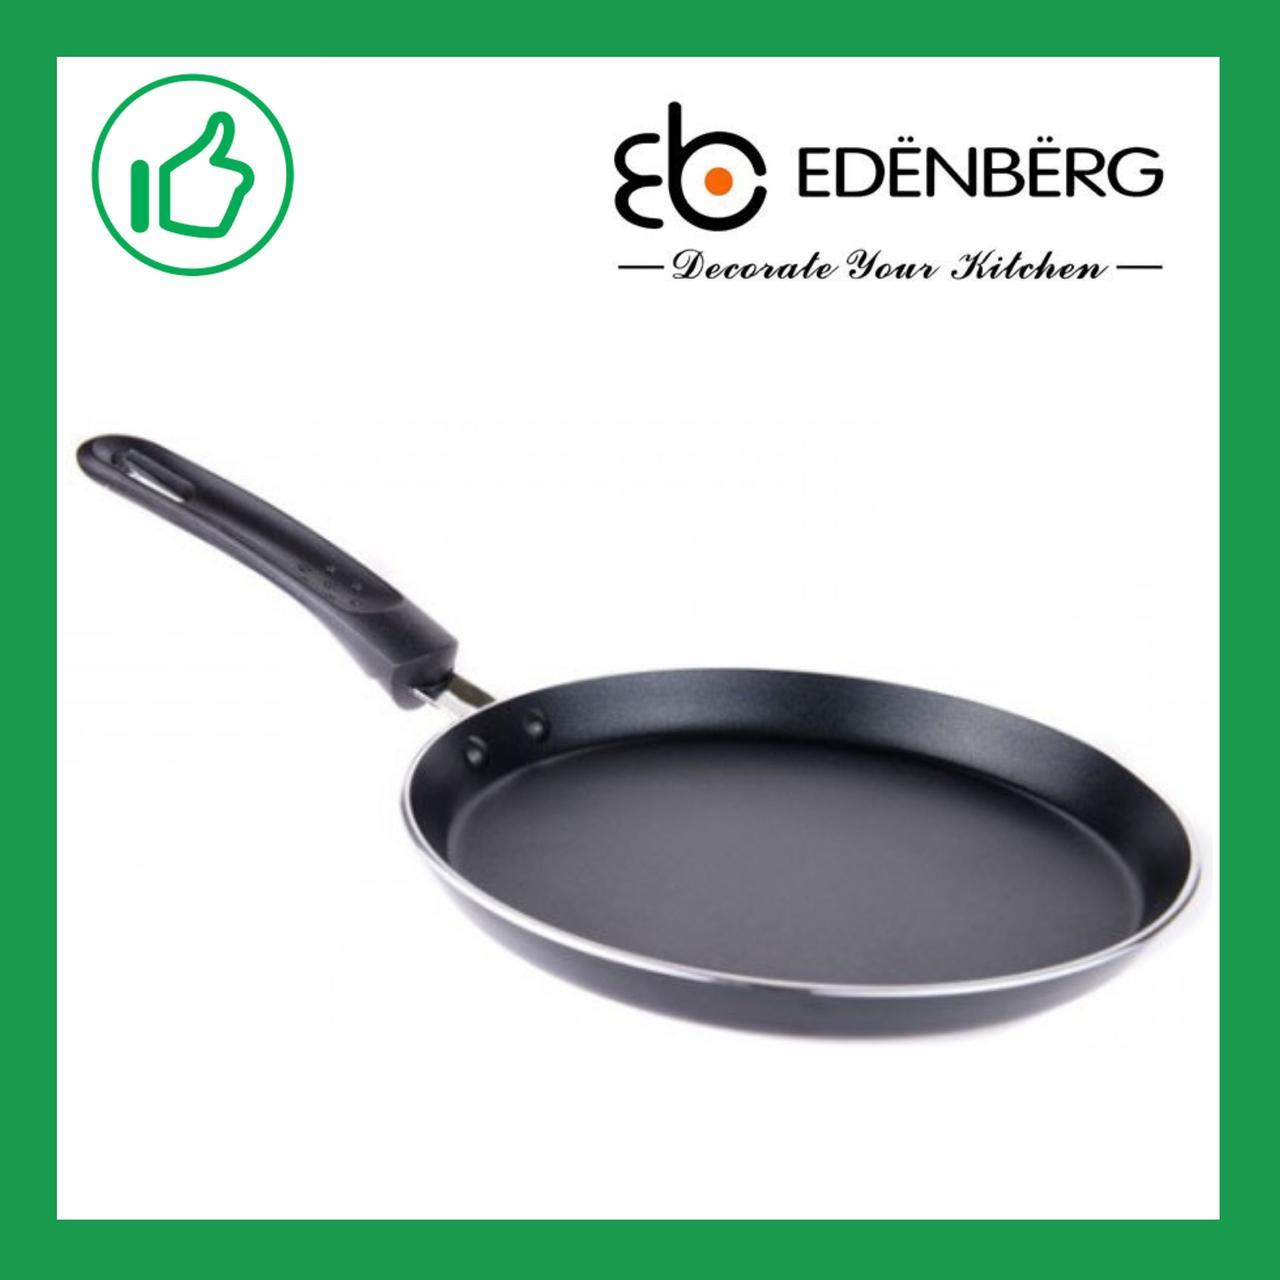 Cковорода для блинов Edenberg с антипригарным тефлоновым покрытием 24 см (EB-3383)